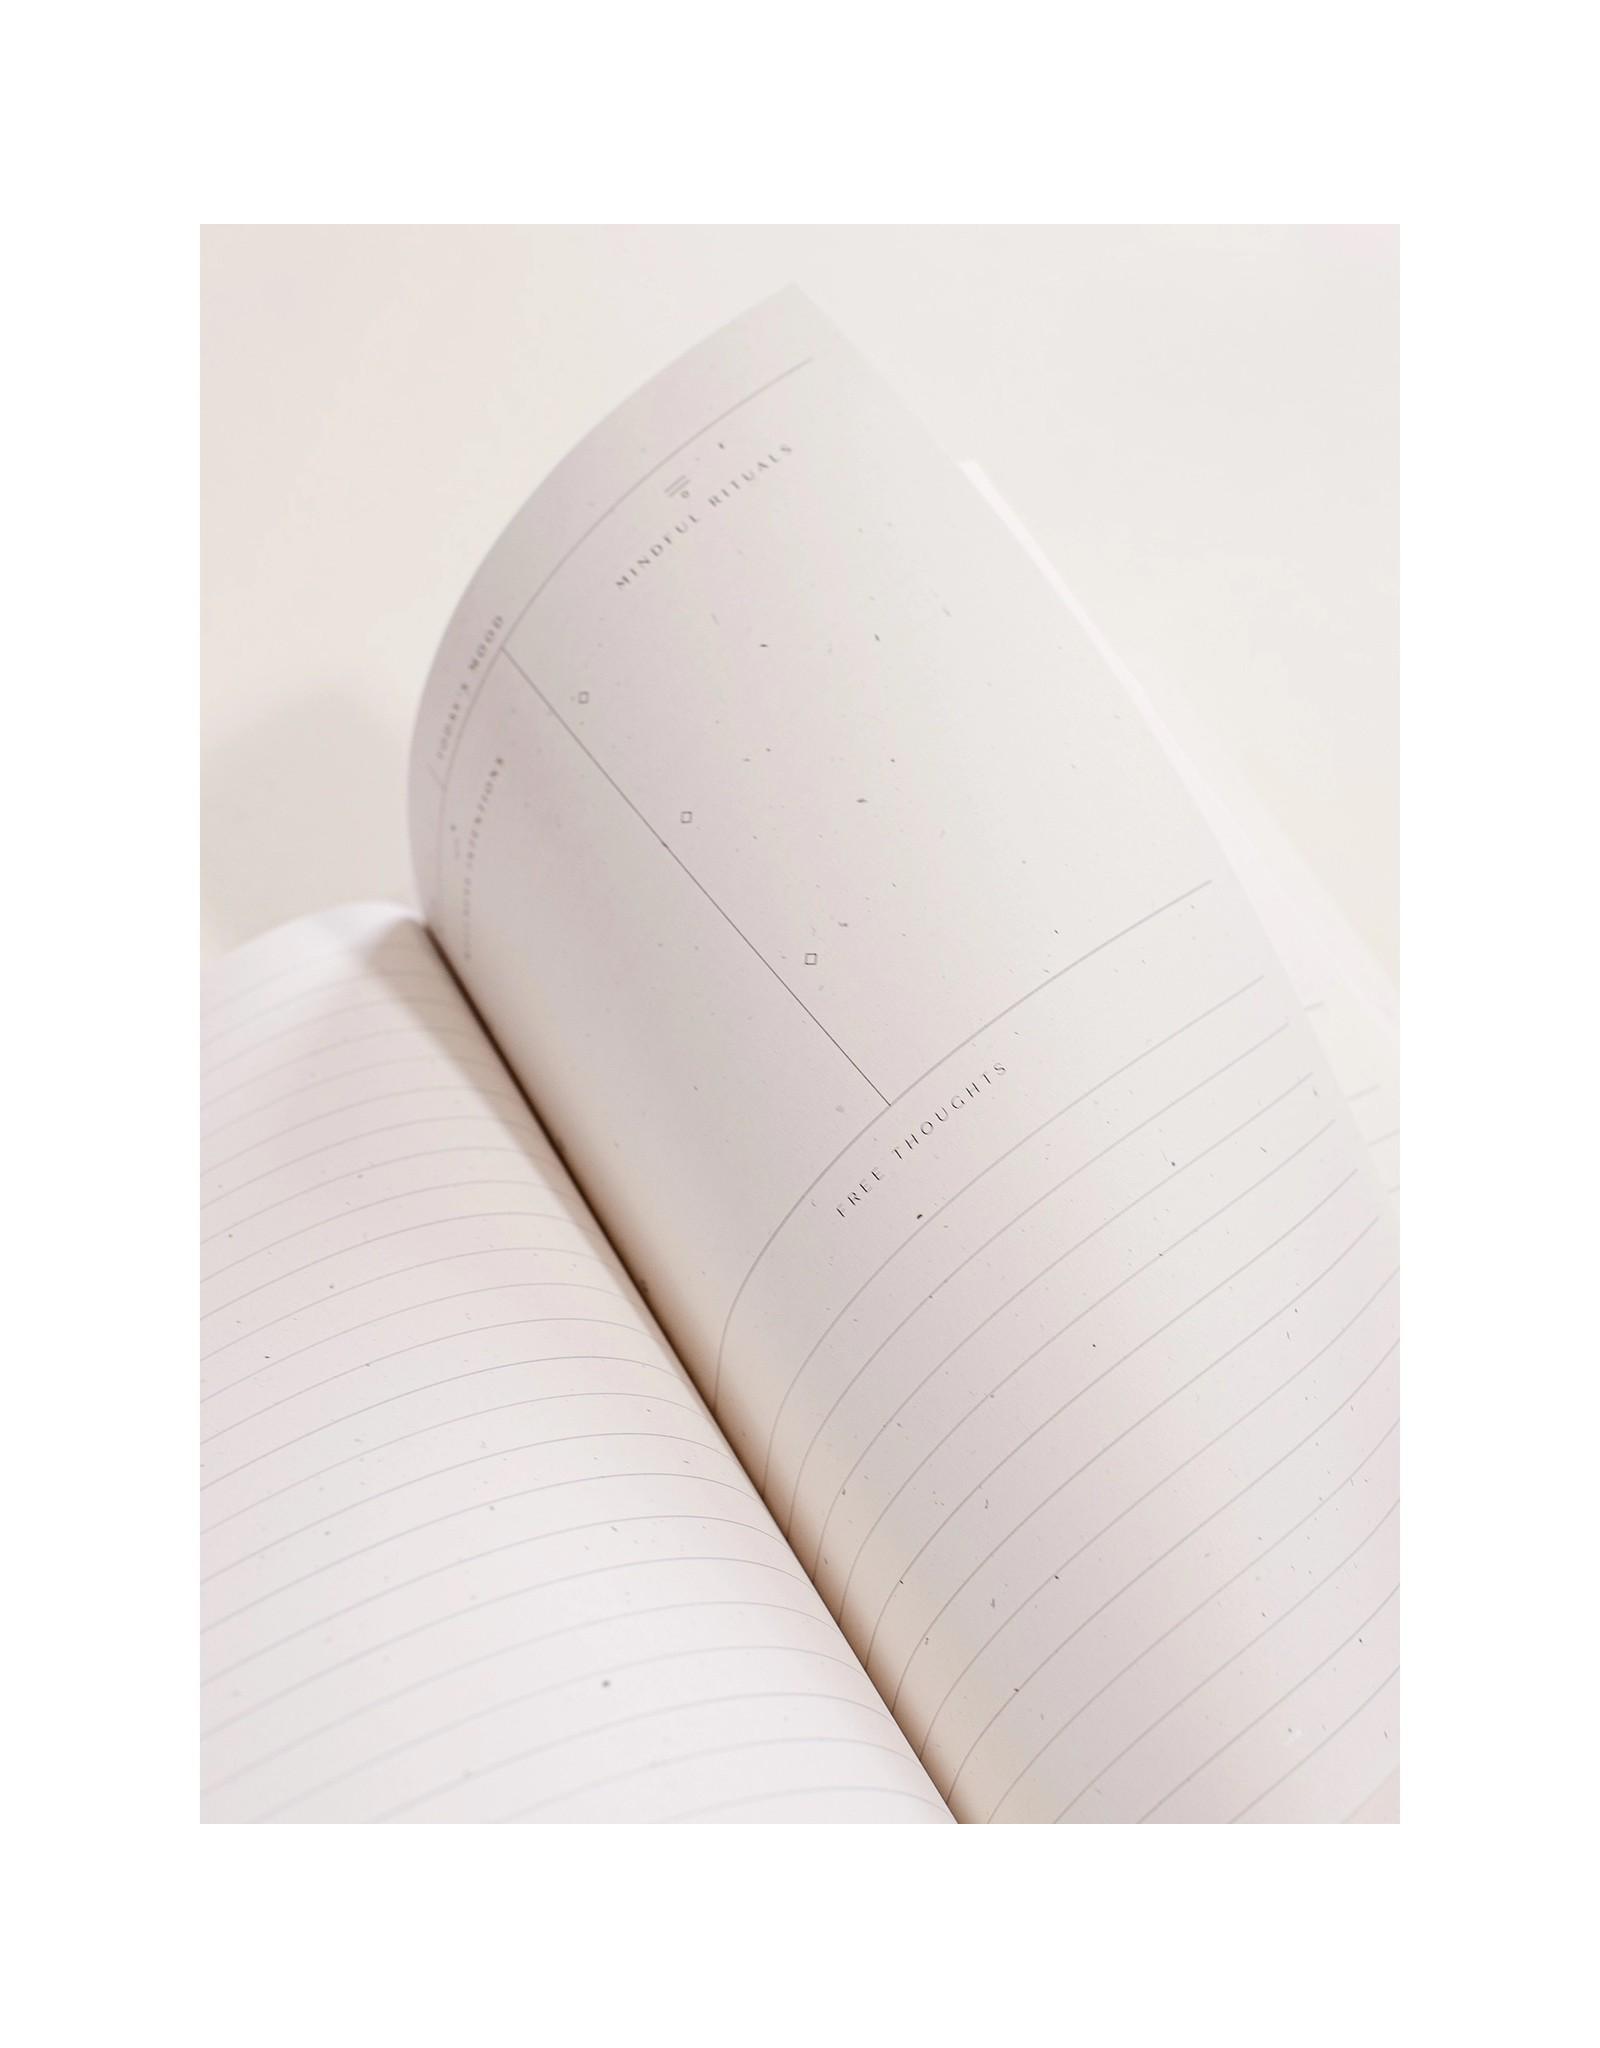 Wilde House Paper Rituals & Wellness Journal